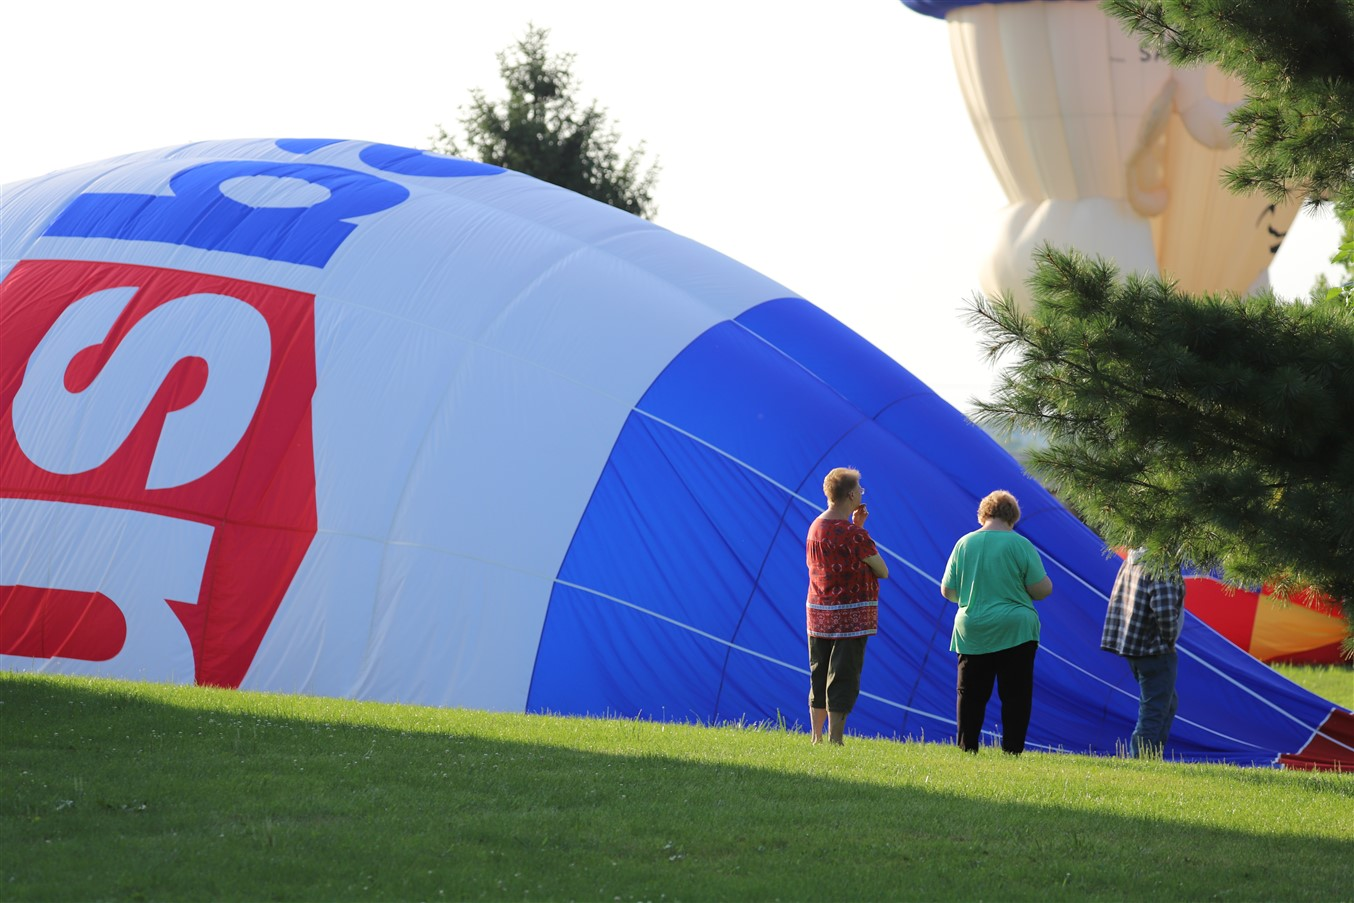 2018 08 11 284 Marysville OH Balloon Festival.jpg